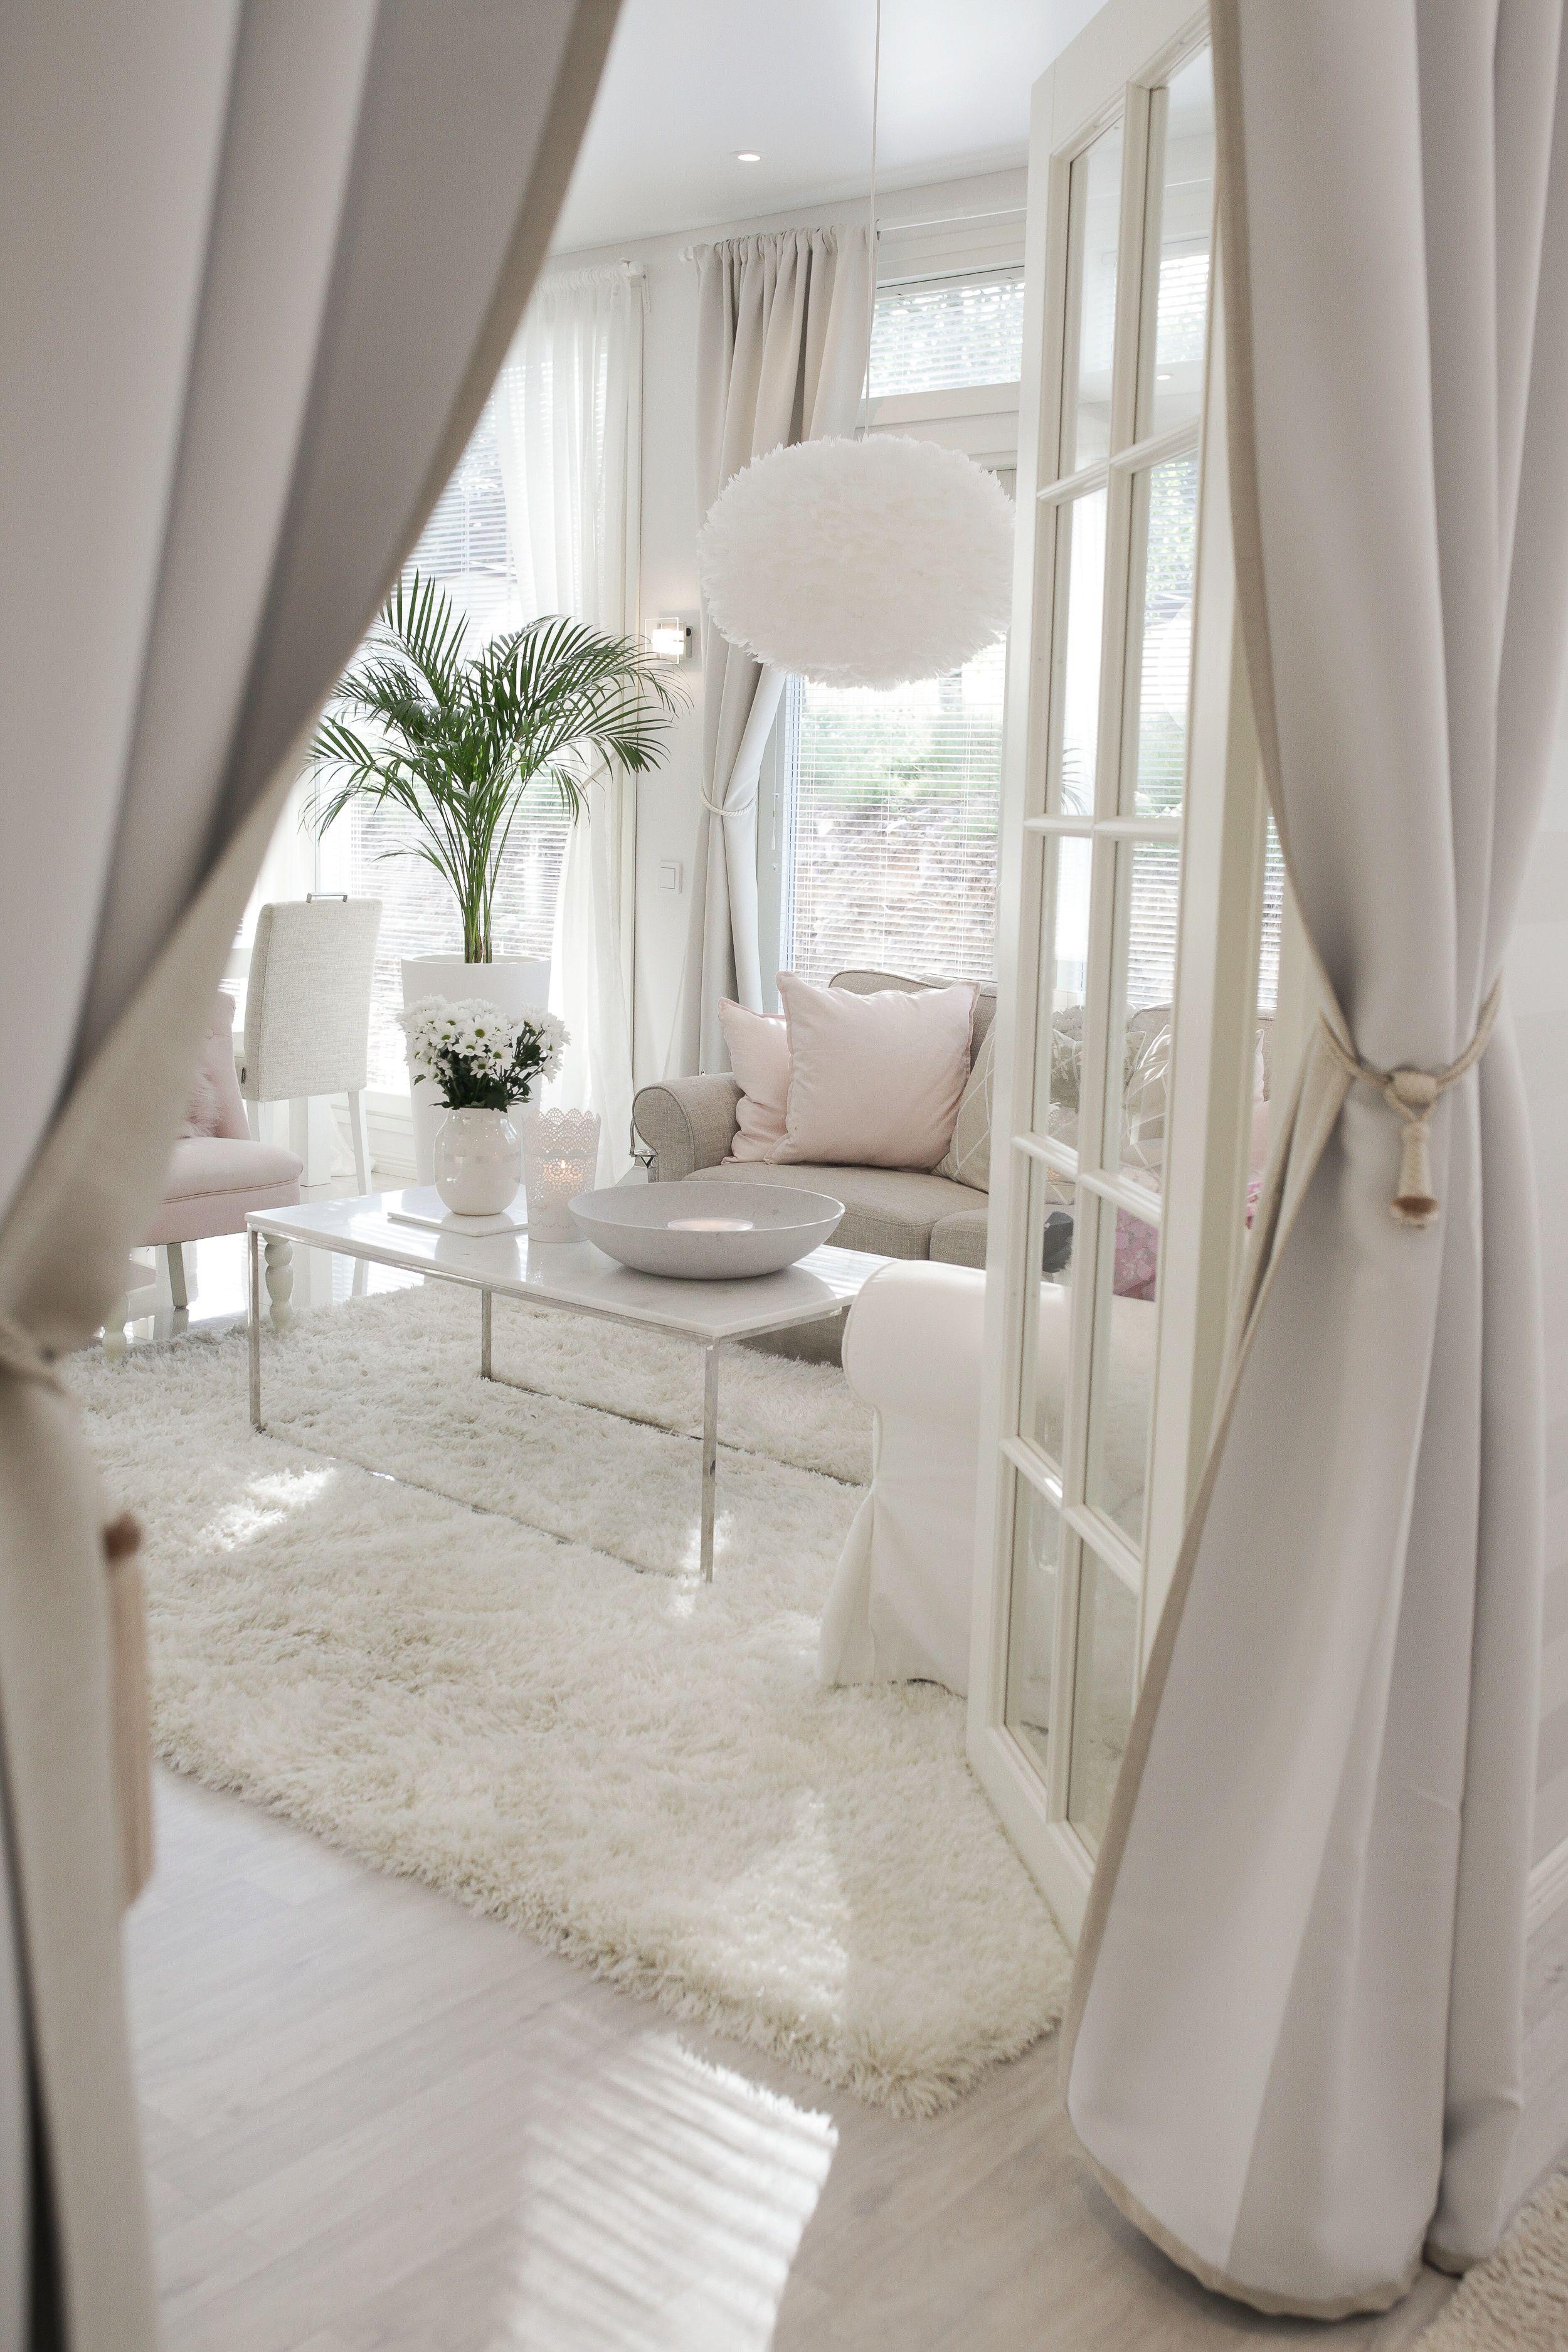 sisustus-6105-01 | Apartment | Pinterest | Dunkel, Wohnzimmer und Wohnen